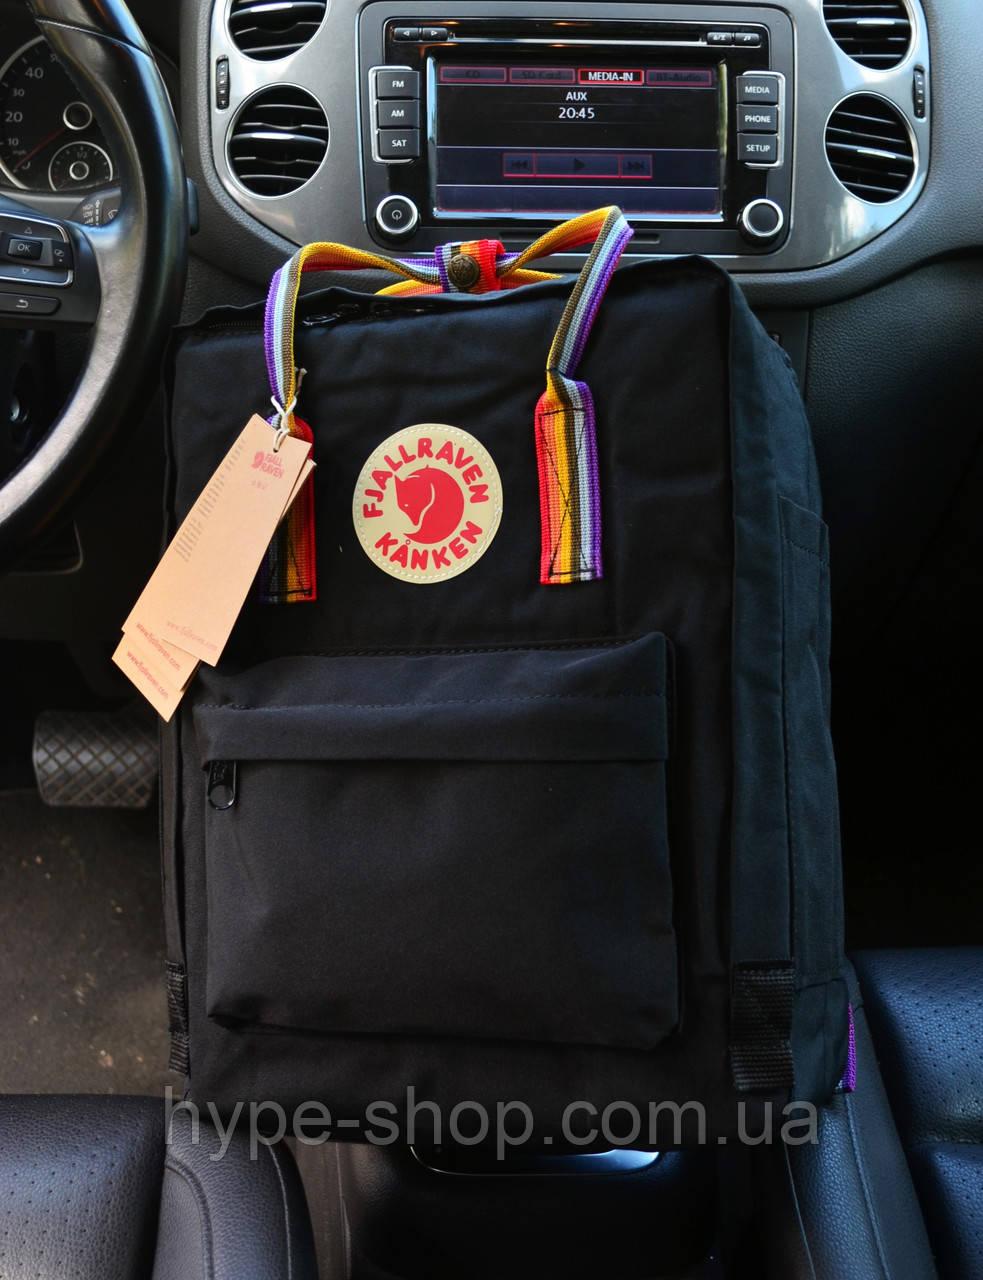 Рюкзак Kanken Classic Black rainbow 16 літрів портфель канкен класік чорний